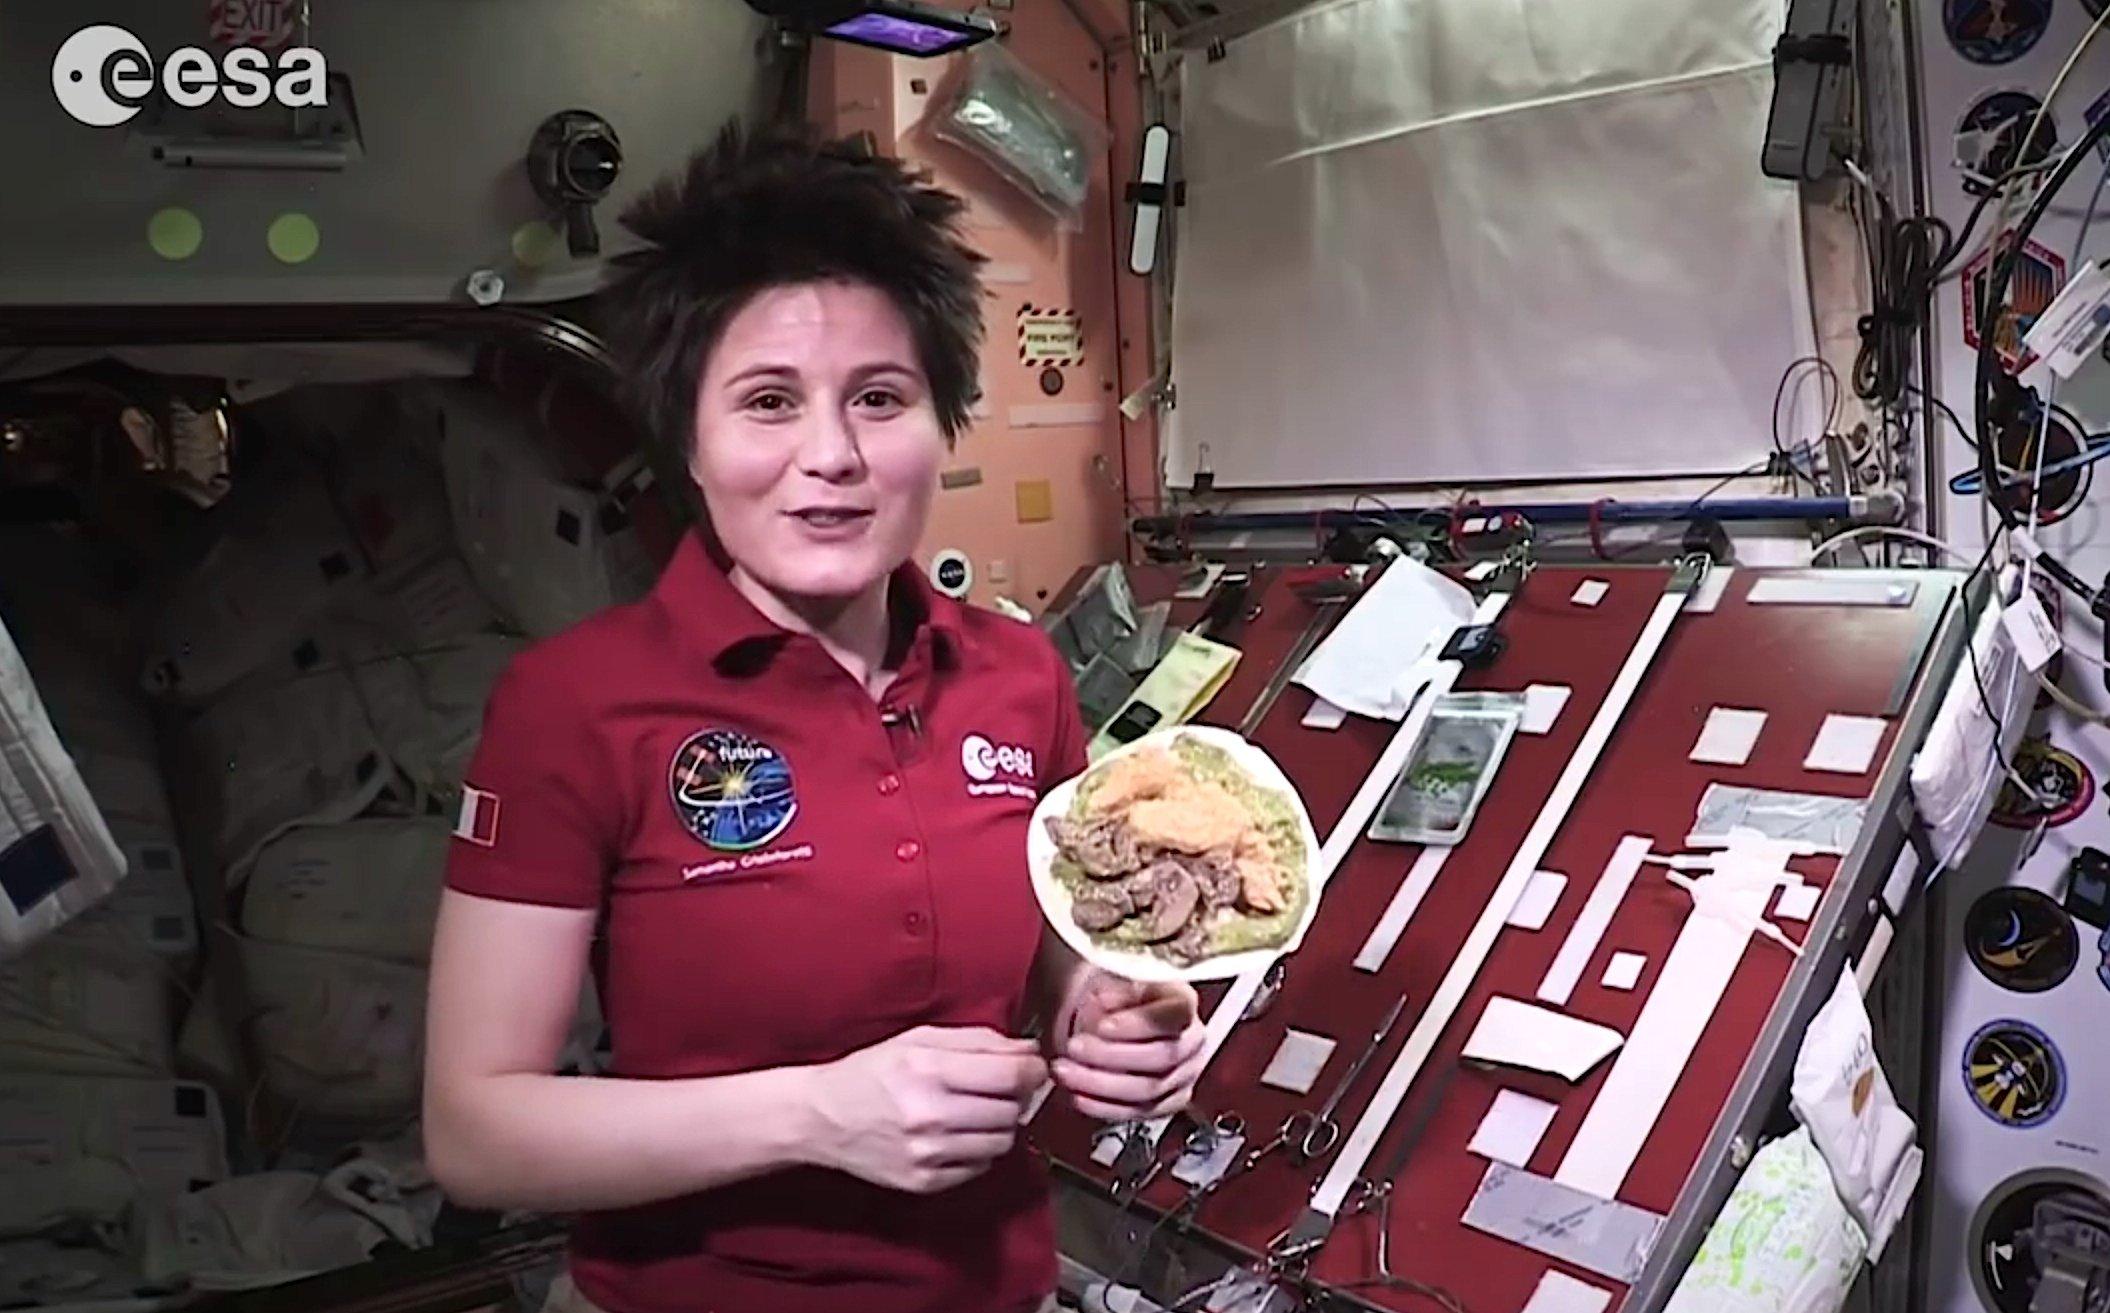 AstronautinSamantha Cristoforetti ist derzeit der Star an Bord der ISS. Sie brüht Kaffee mit einer eigens entwickelten Espressomaschine und zeigt im Video, wie man im All eine Teigtasche mit Hühnchen und Kurkuma zaubert.